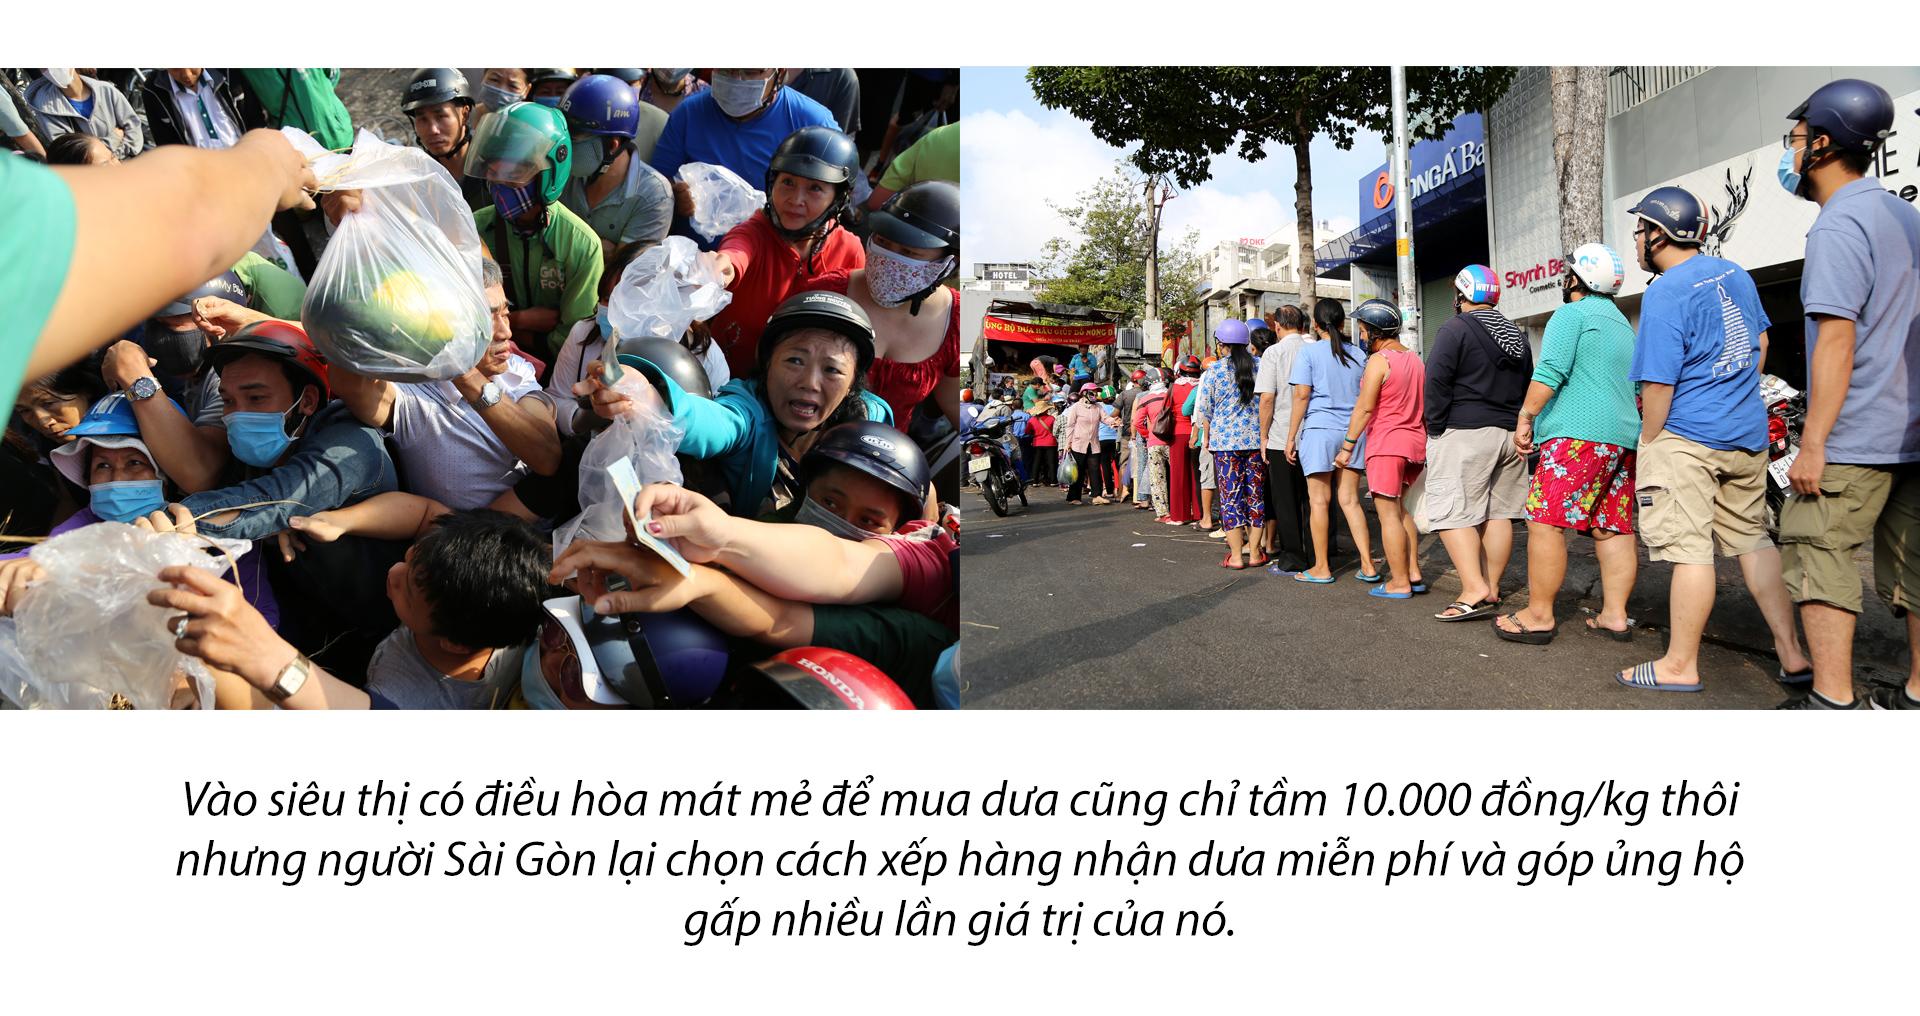 Tình người Sài Gòn thời dịch COVID-19 - ảnh 19